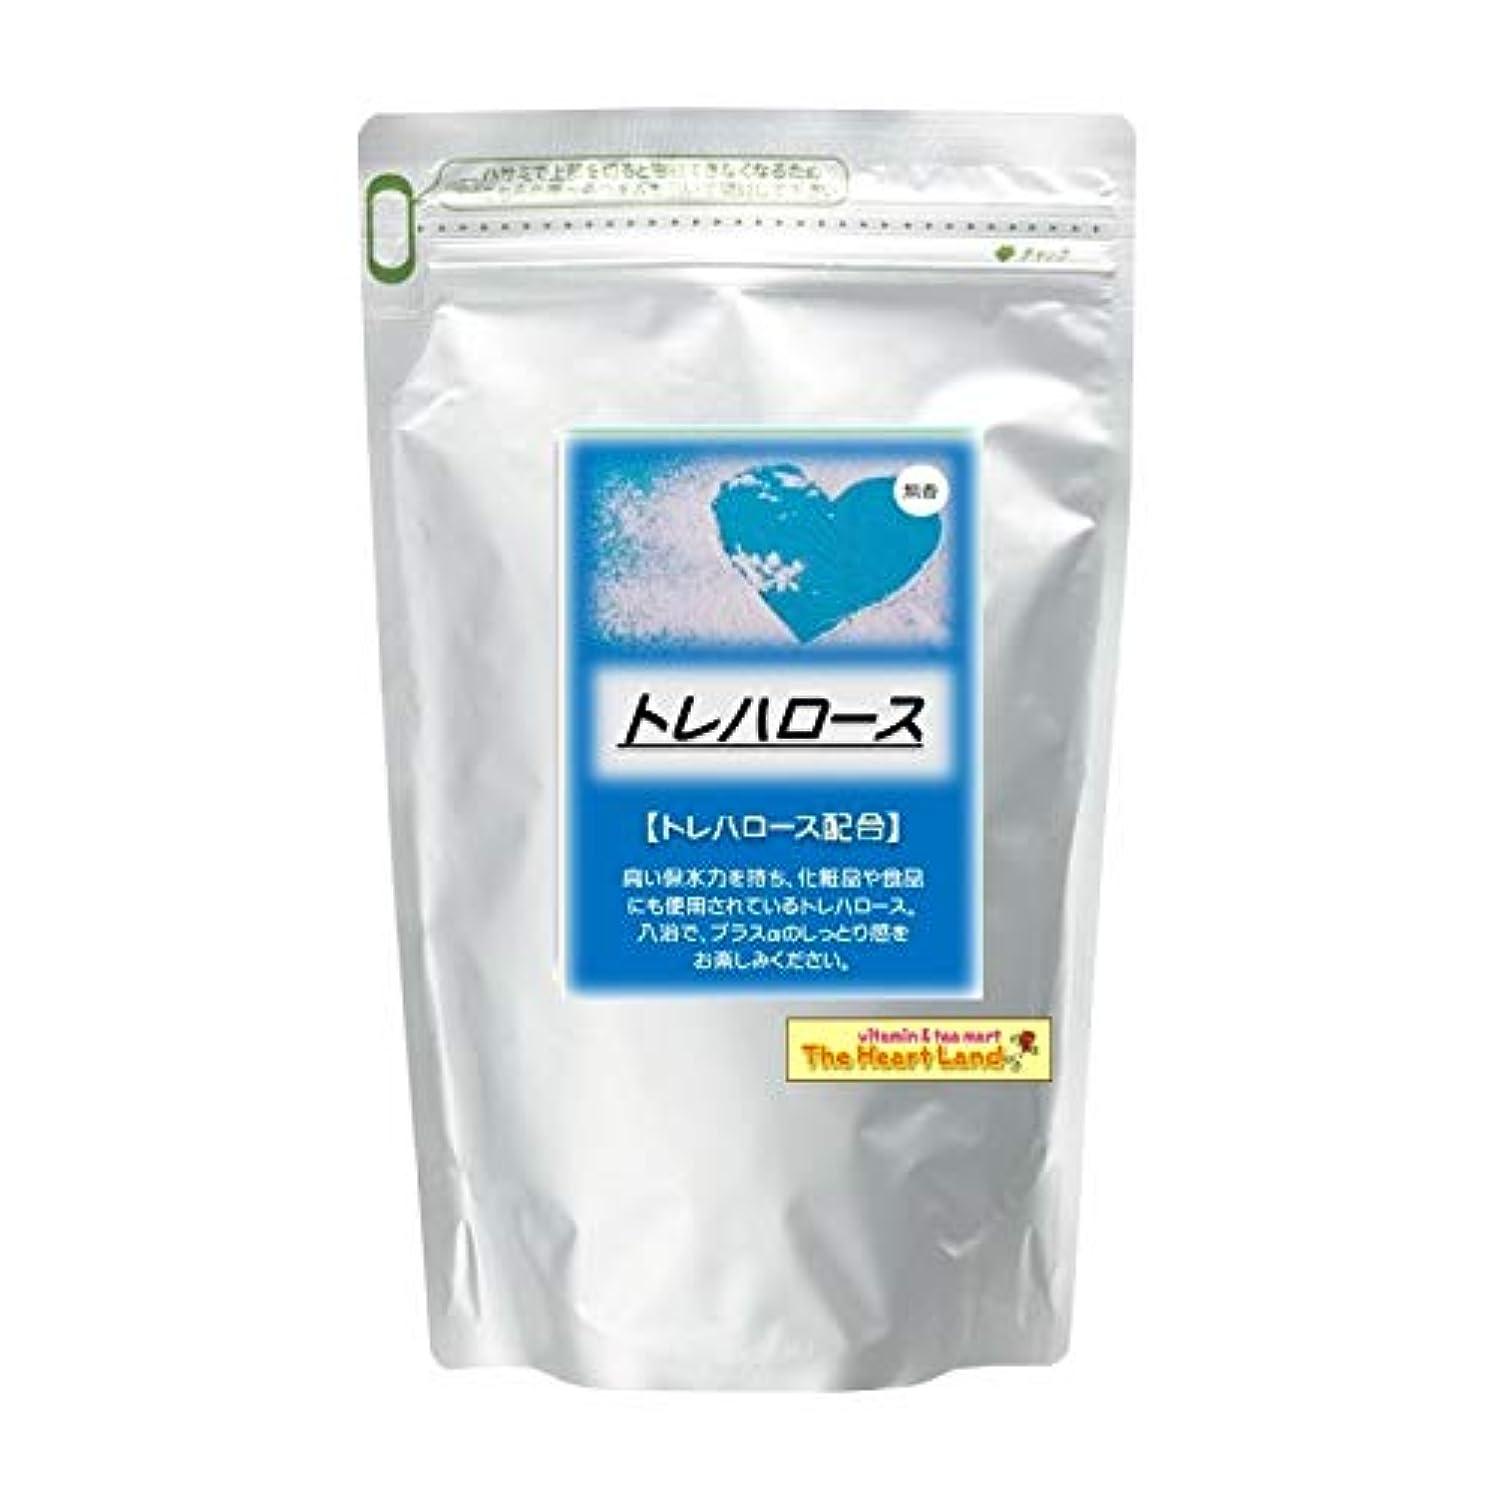 膨らませる該当するケイ素アサヒ入浴剤 浴用入浴化粧品 トレハロース 300g